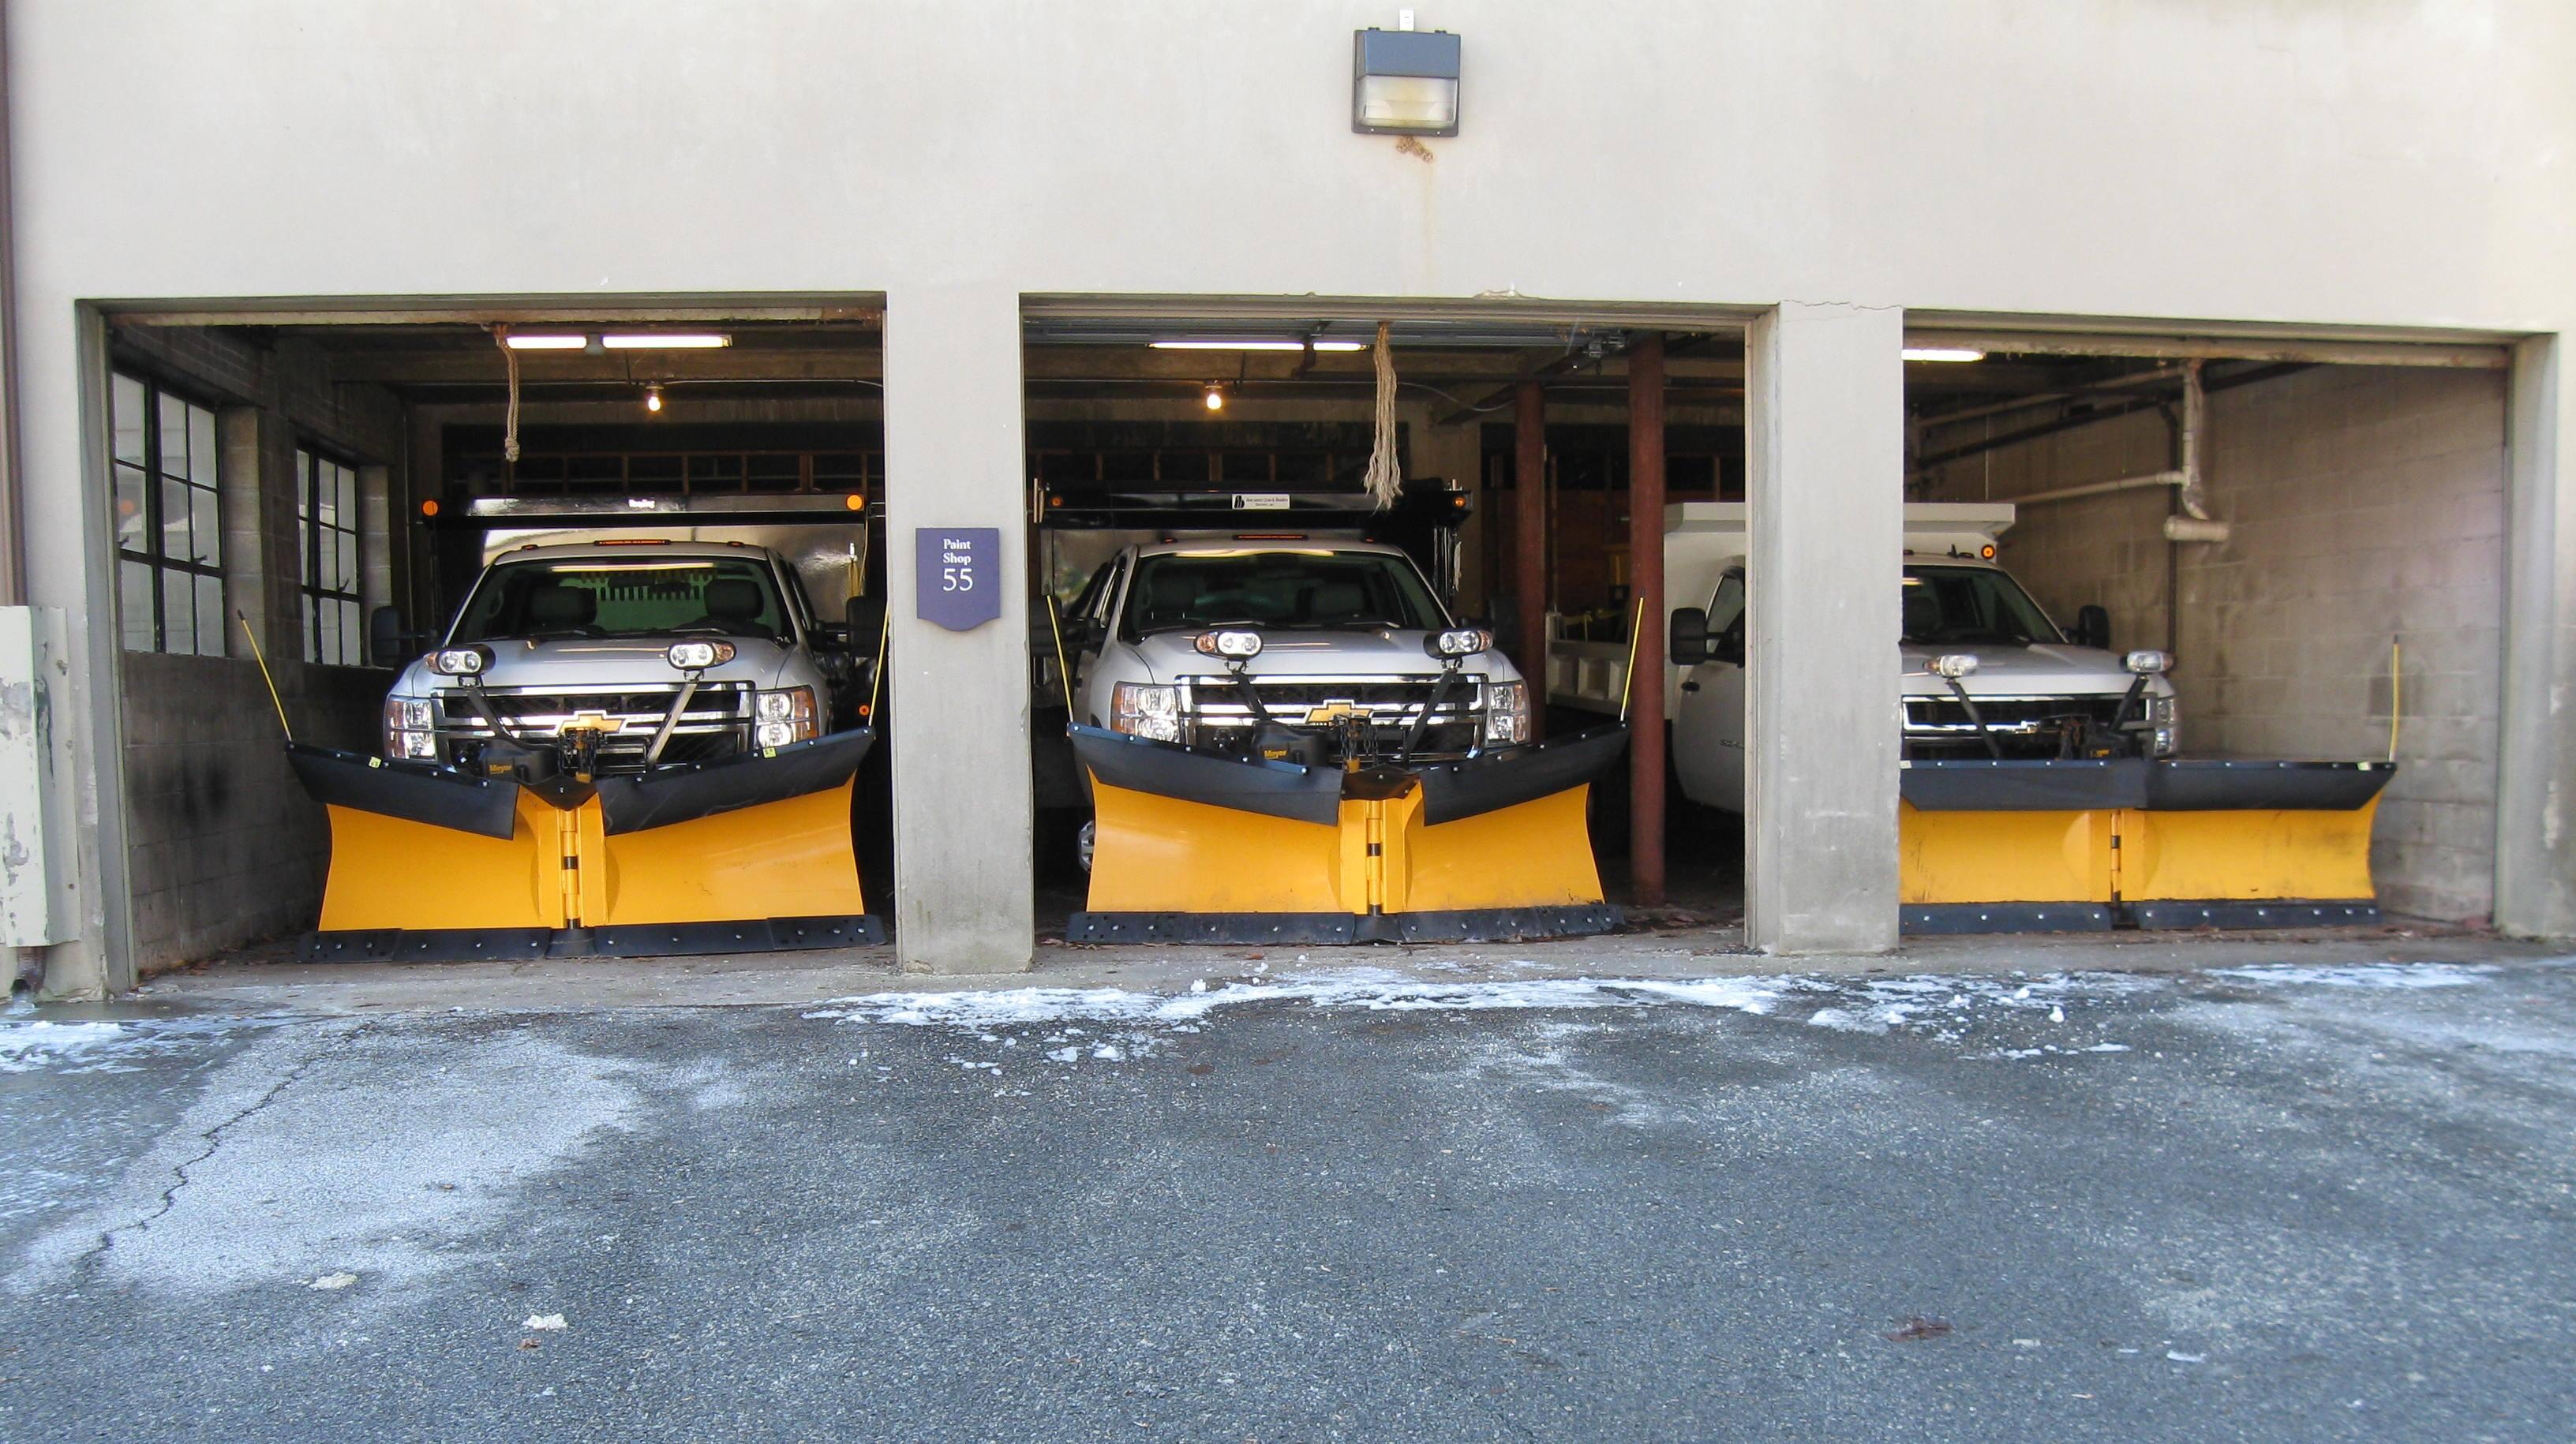 Winterthur snow fleet; ready to roll!